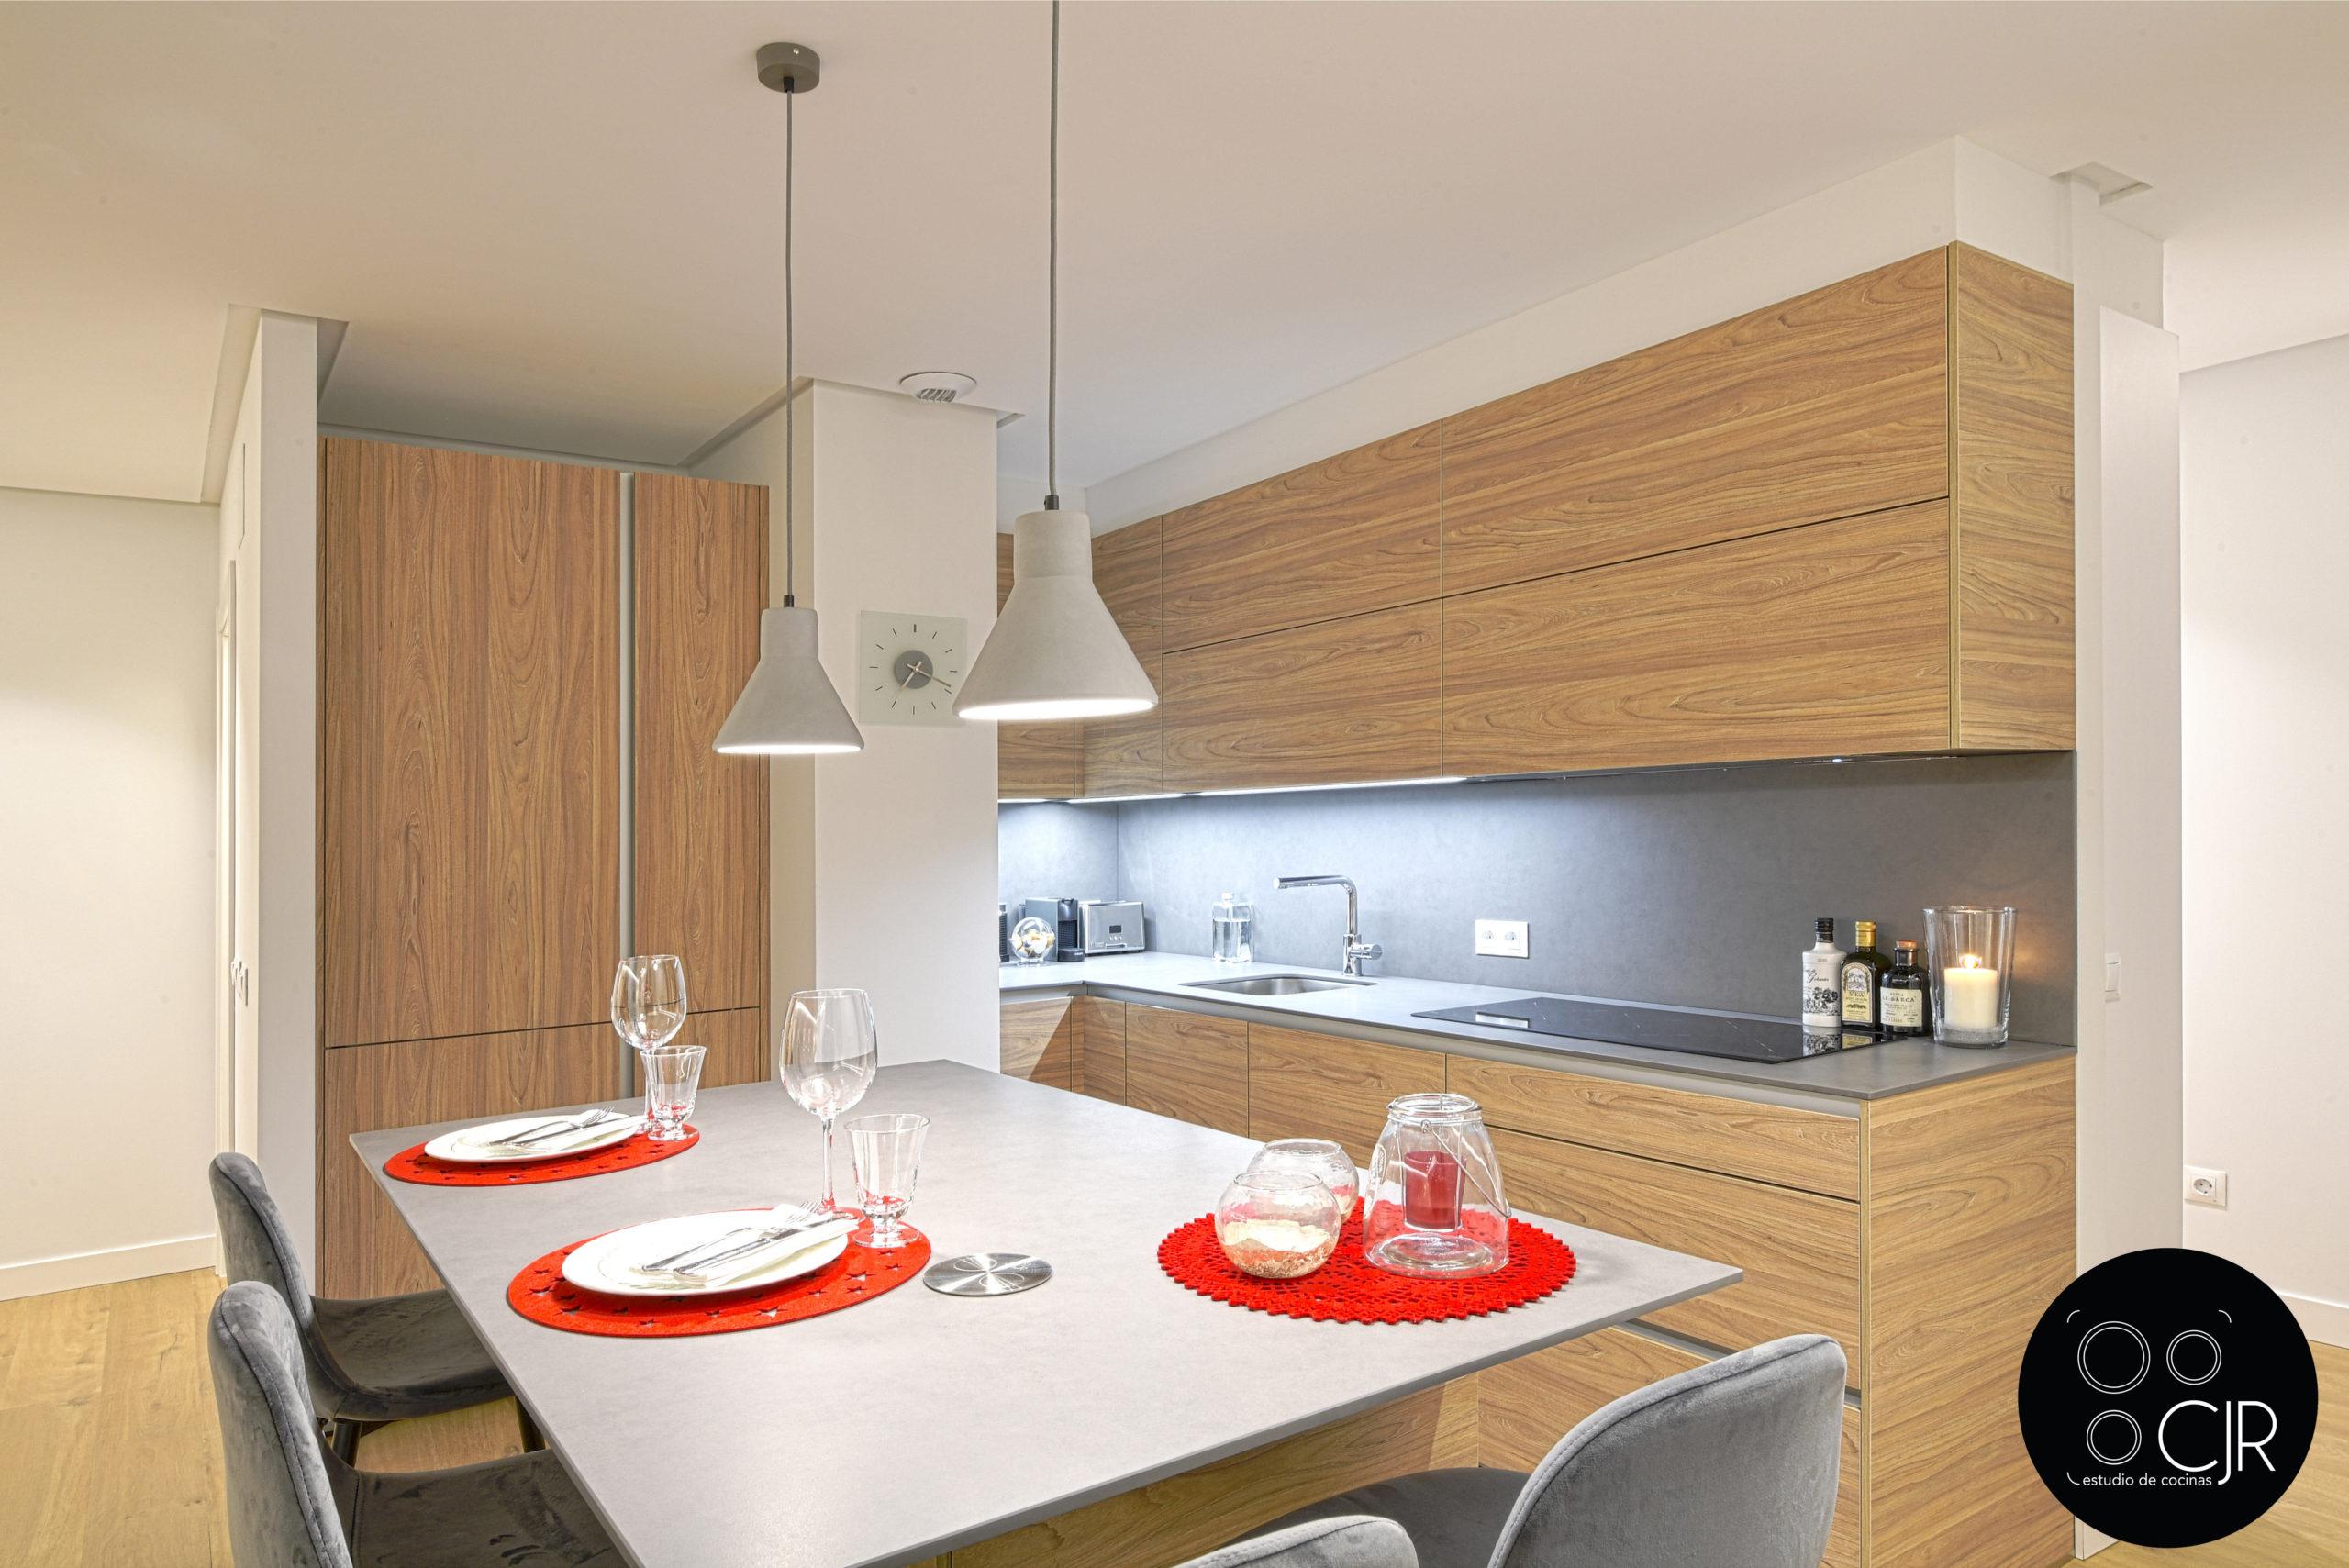 Cocina con isla en madera y gris con detalles